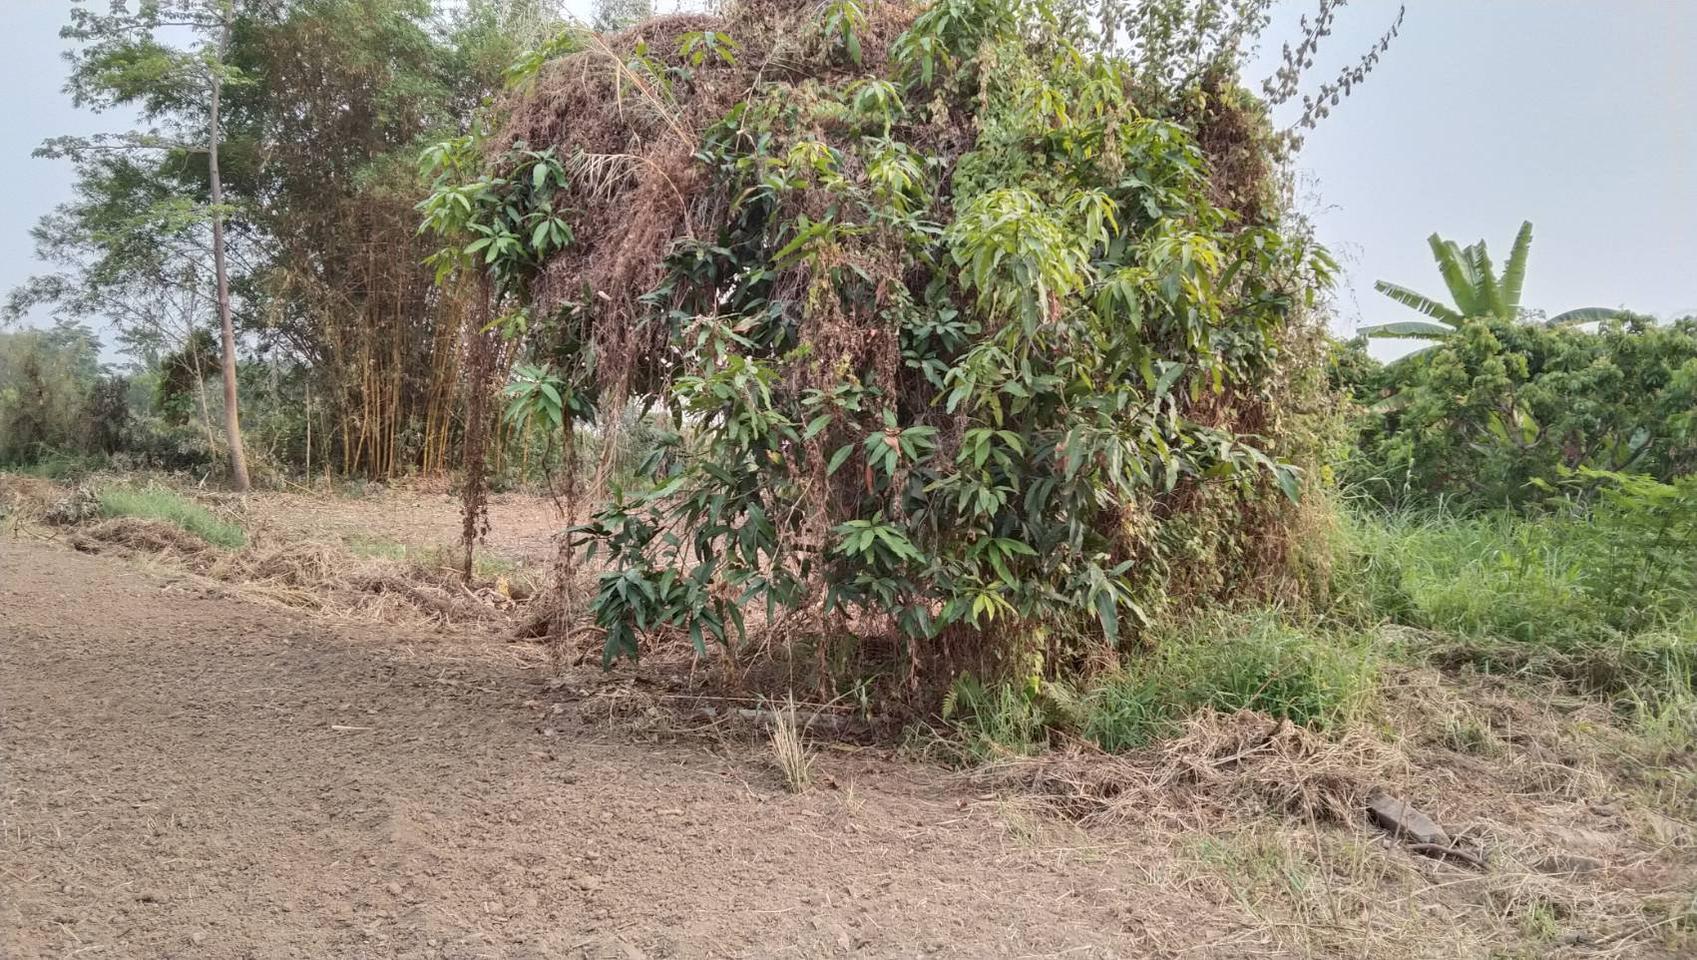 ขายที่ดิน สำหรับที่อยู่อาศัย และทำการเกษตร รูปที่ 5